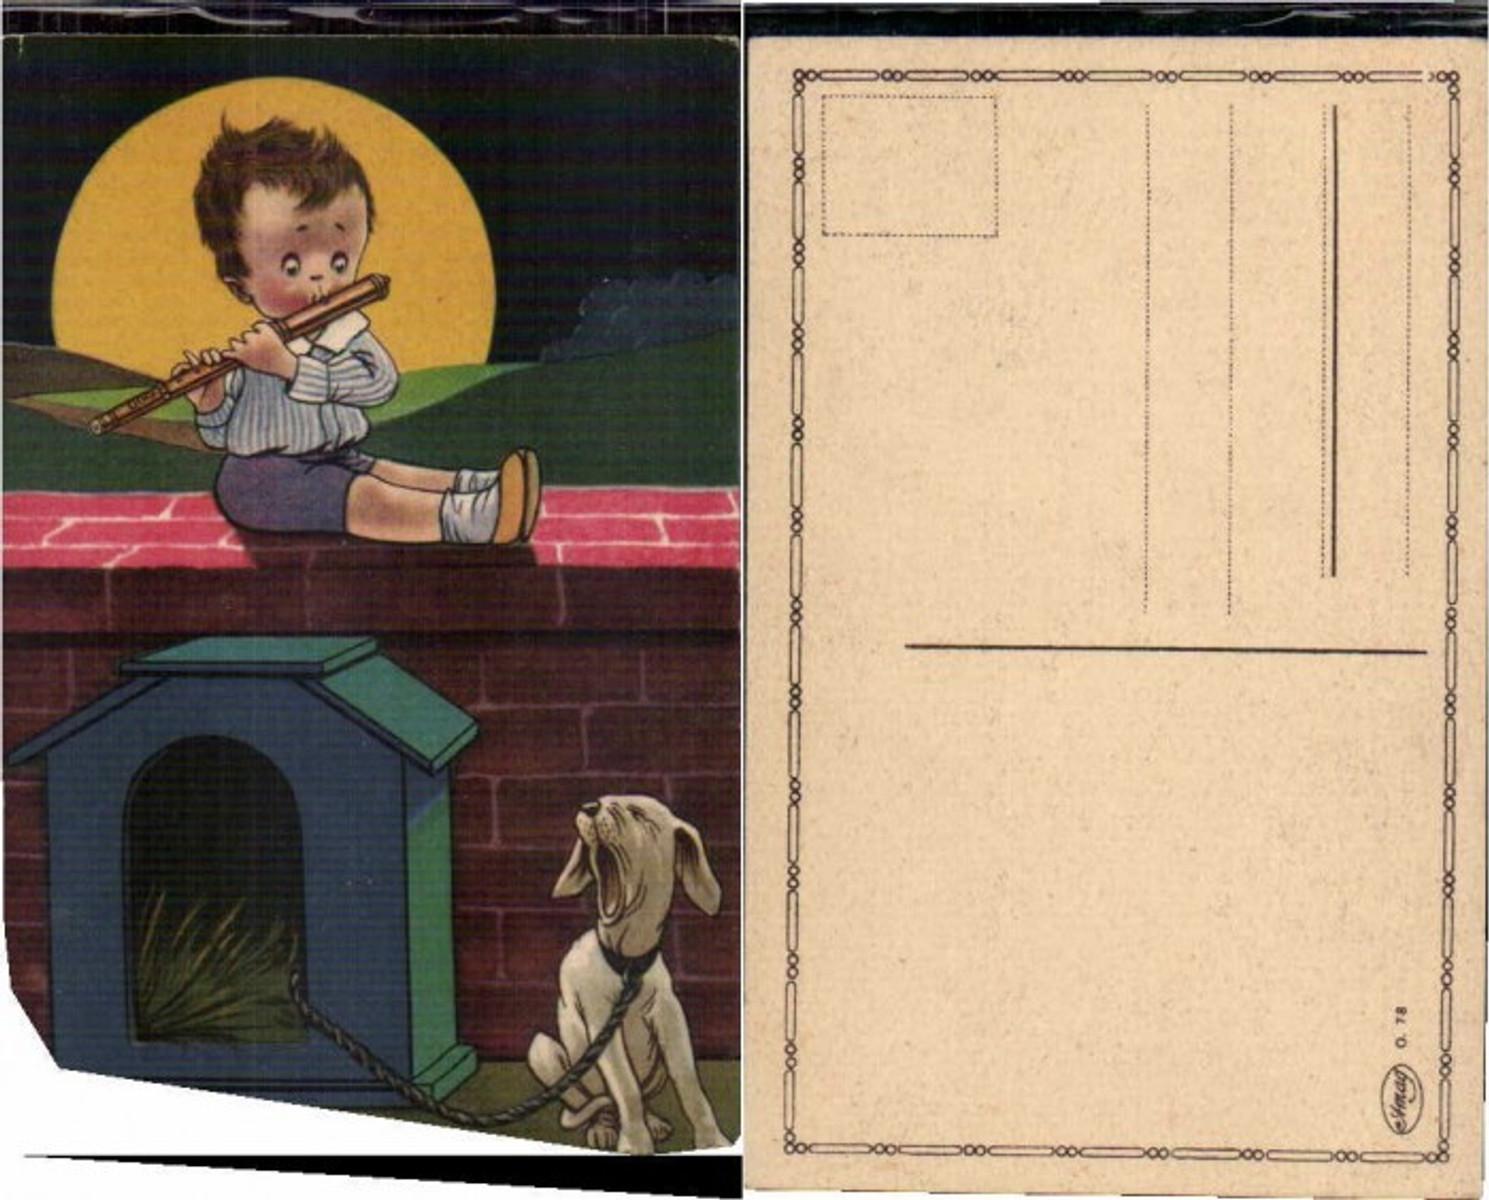 63959,Kind spielt Flöte Hund jault Mond  günstig online kaufen